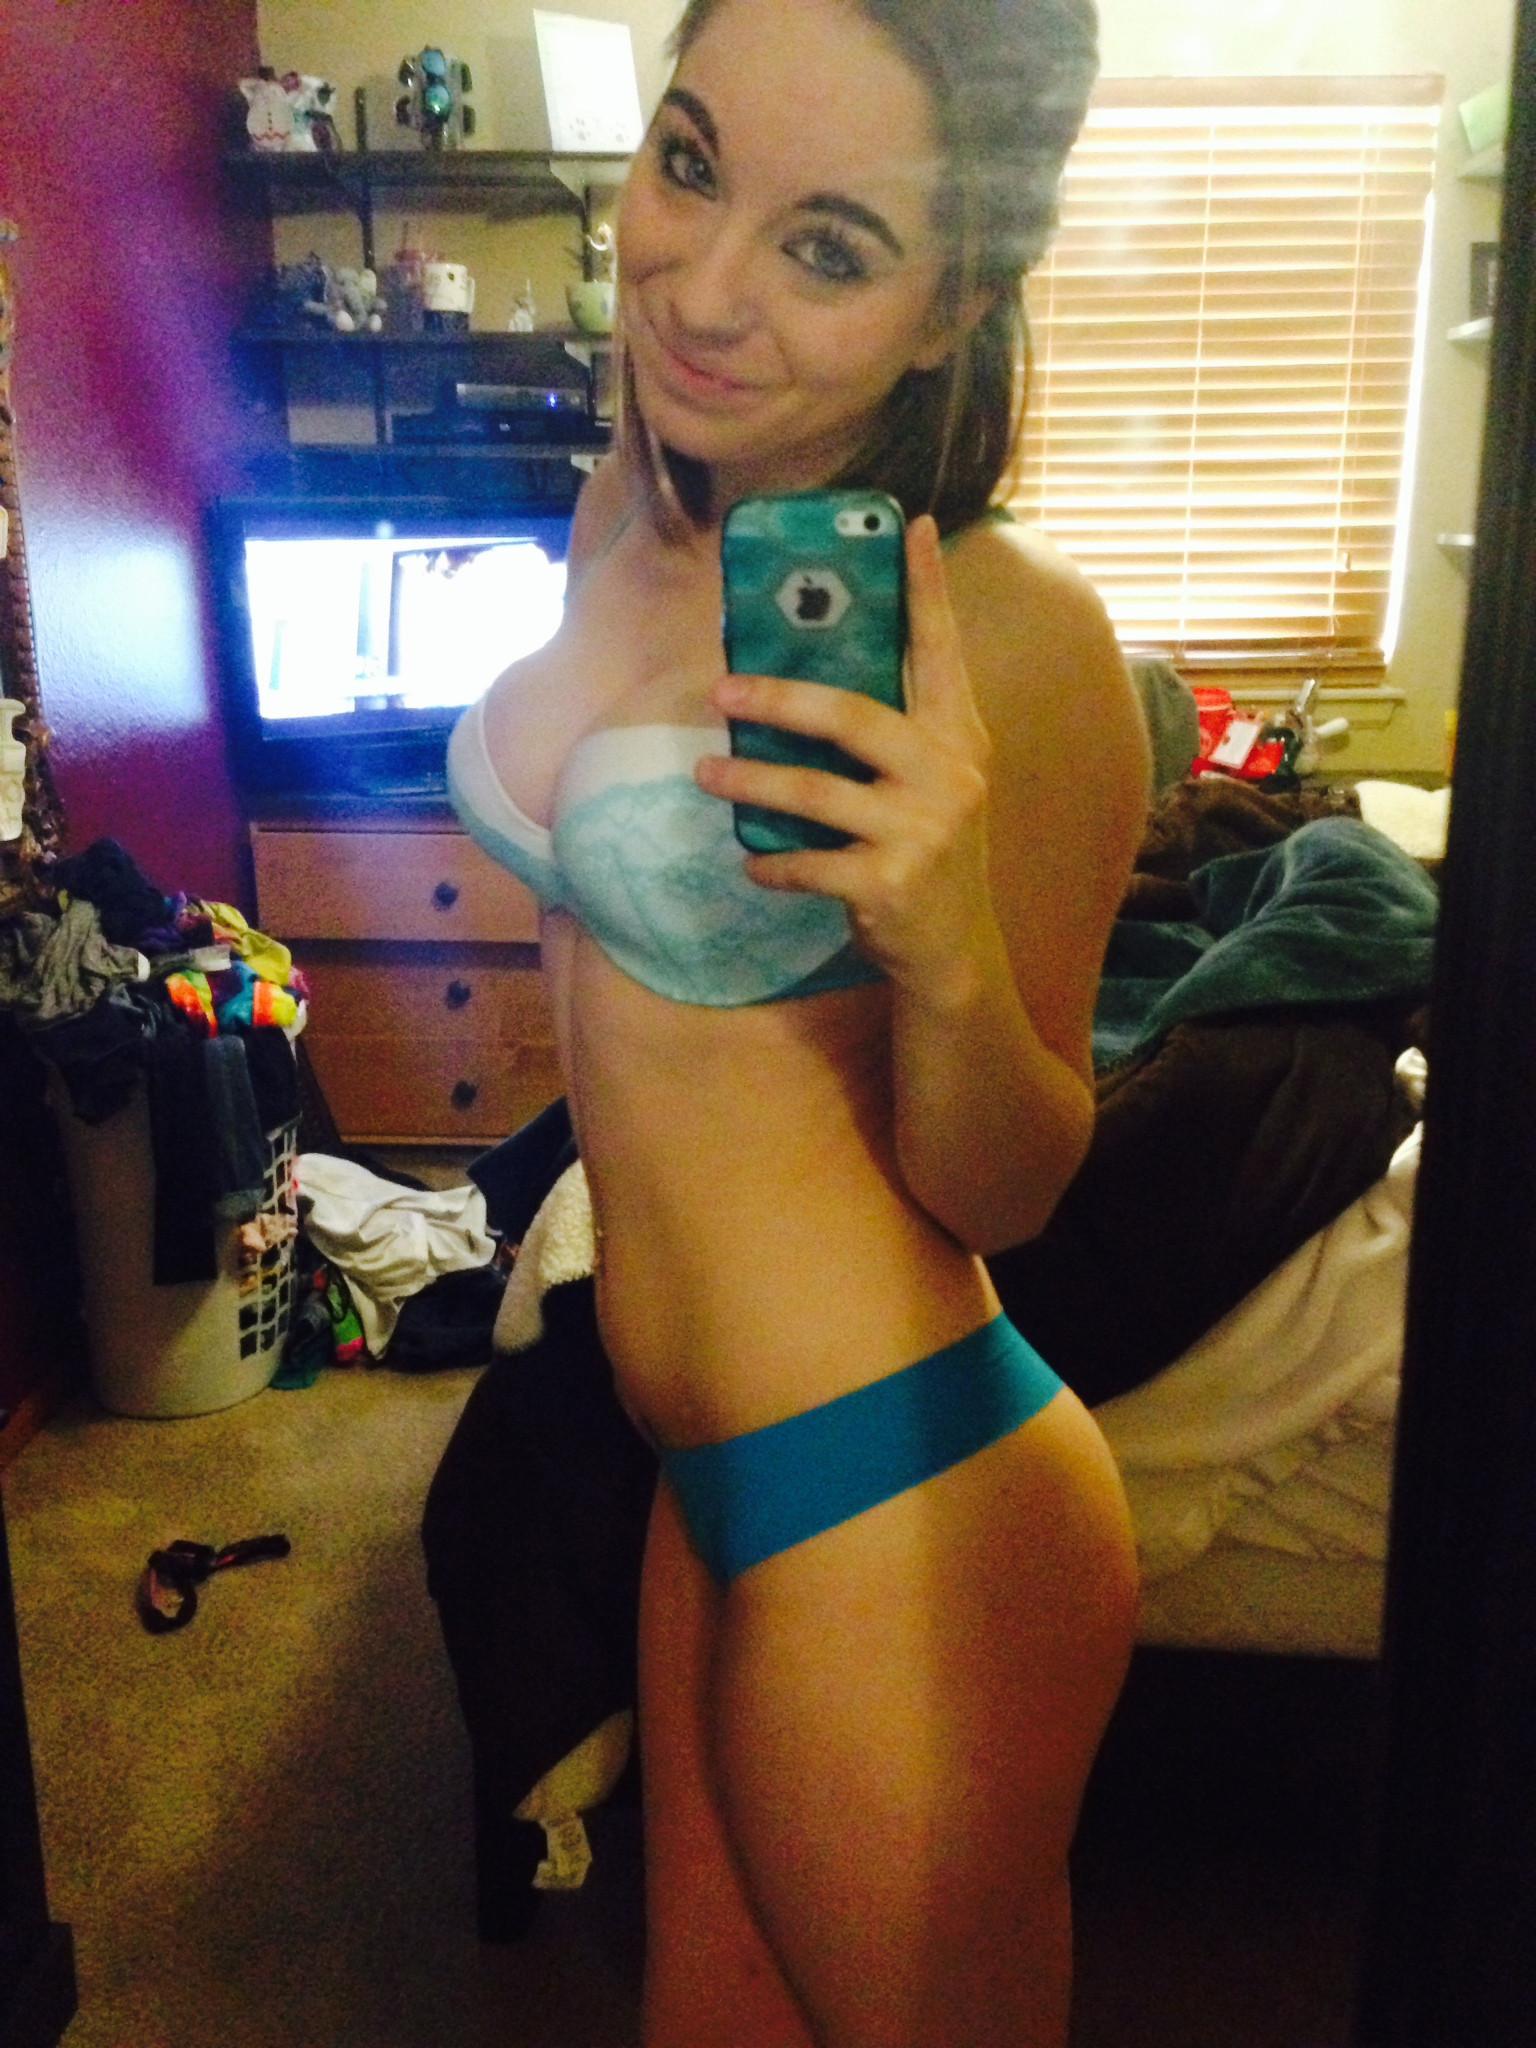 Cheerleader sexy selfie